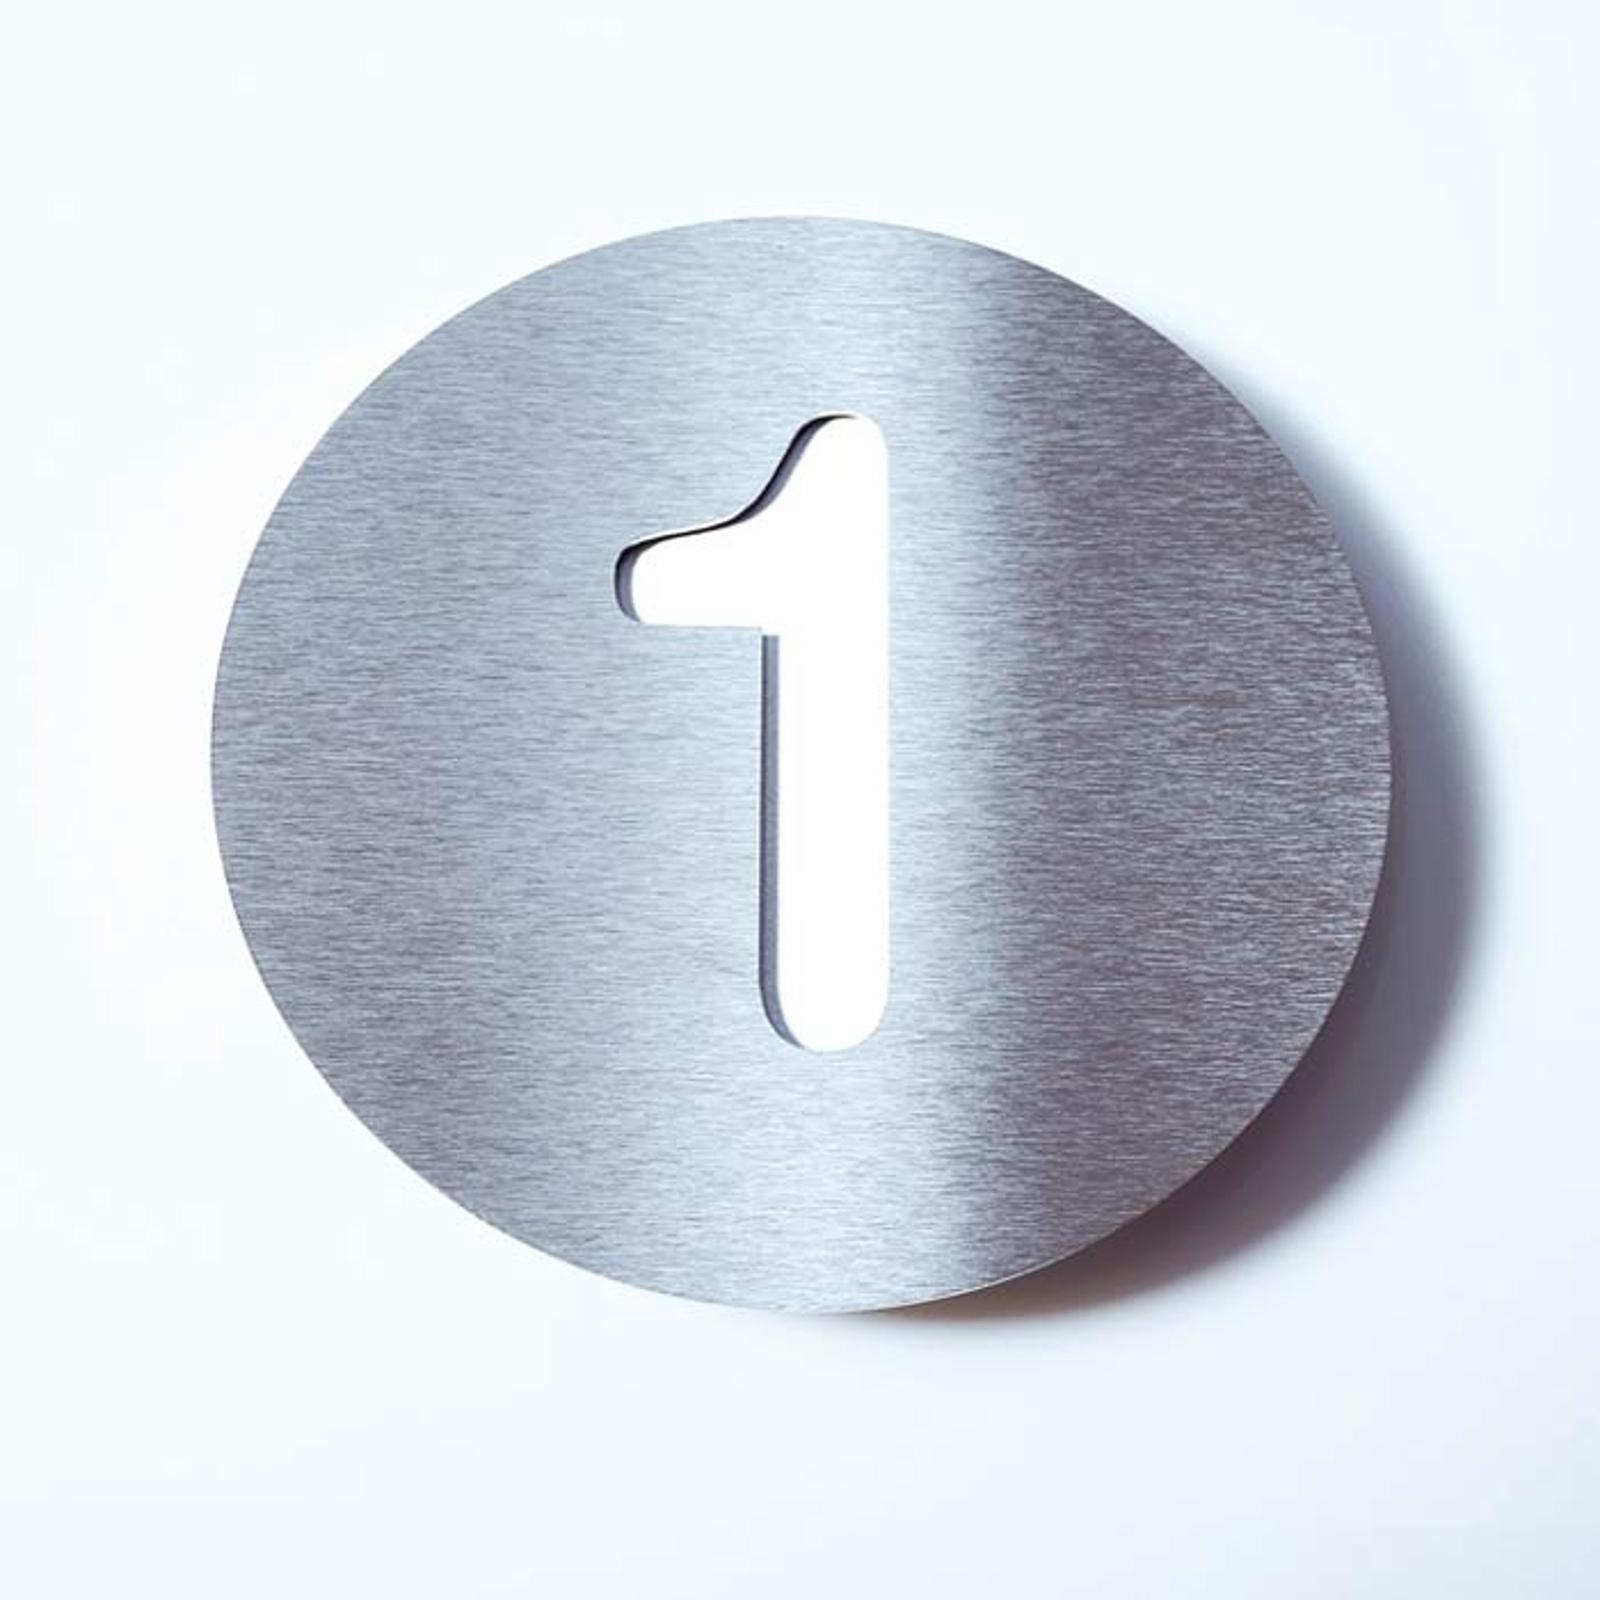 Número de casa Round de acero inoxidable - 1